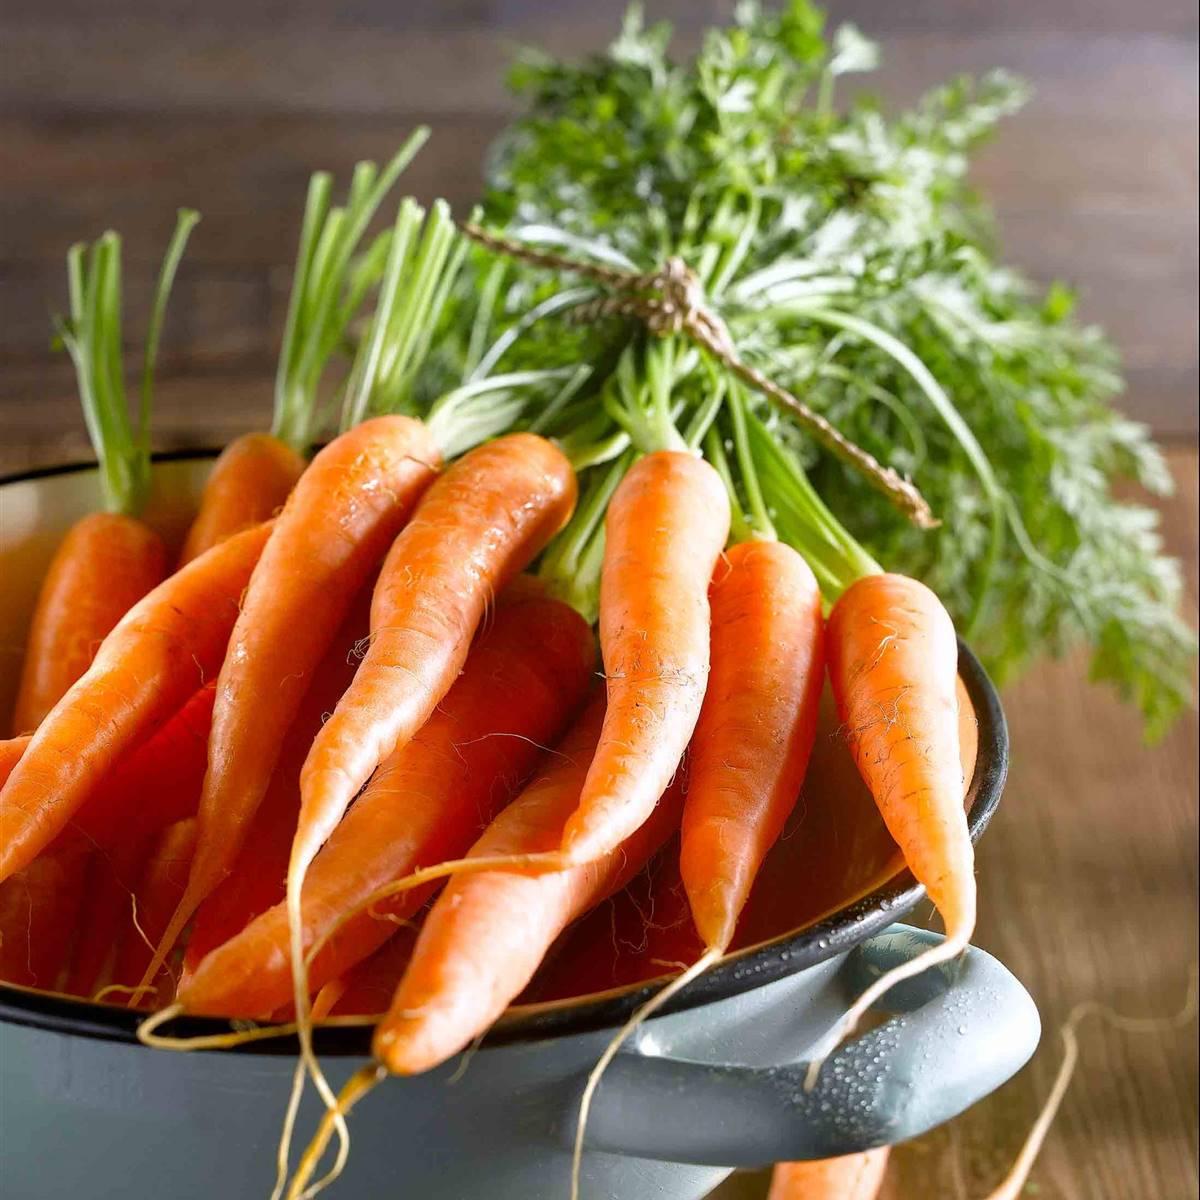 Zanahoria Propiedades Y Beneficios Para La Salud La zanahoria, originaria de europa y el sudoeste de asia, se cultiva, en la actualidad, en muchas es conocida por su raíz que está disponible en muchas variantes y colores como anaranjadas, blancas. zanahoria propiedades y beneficios